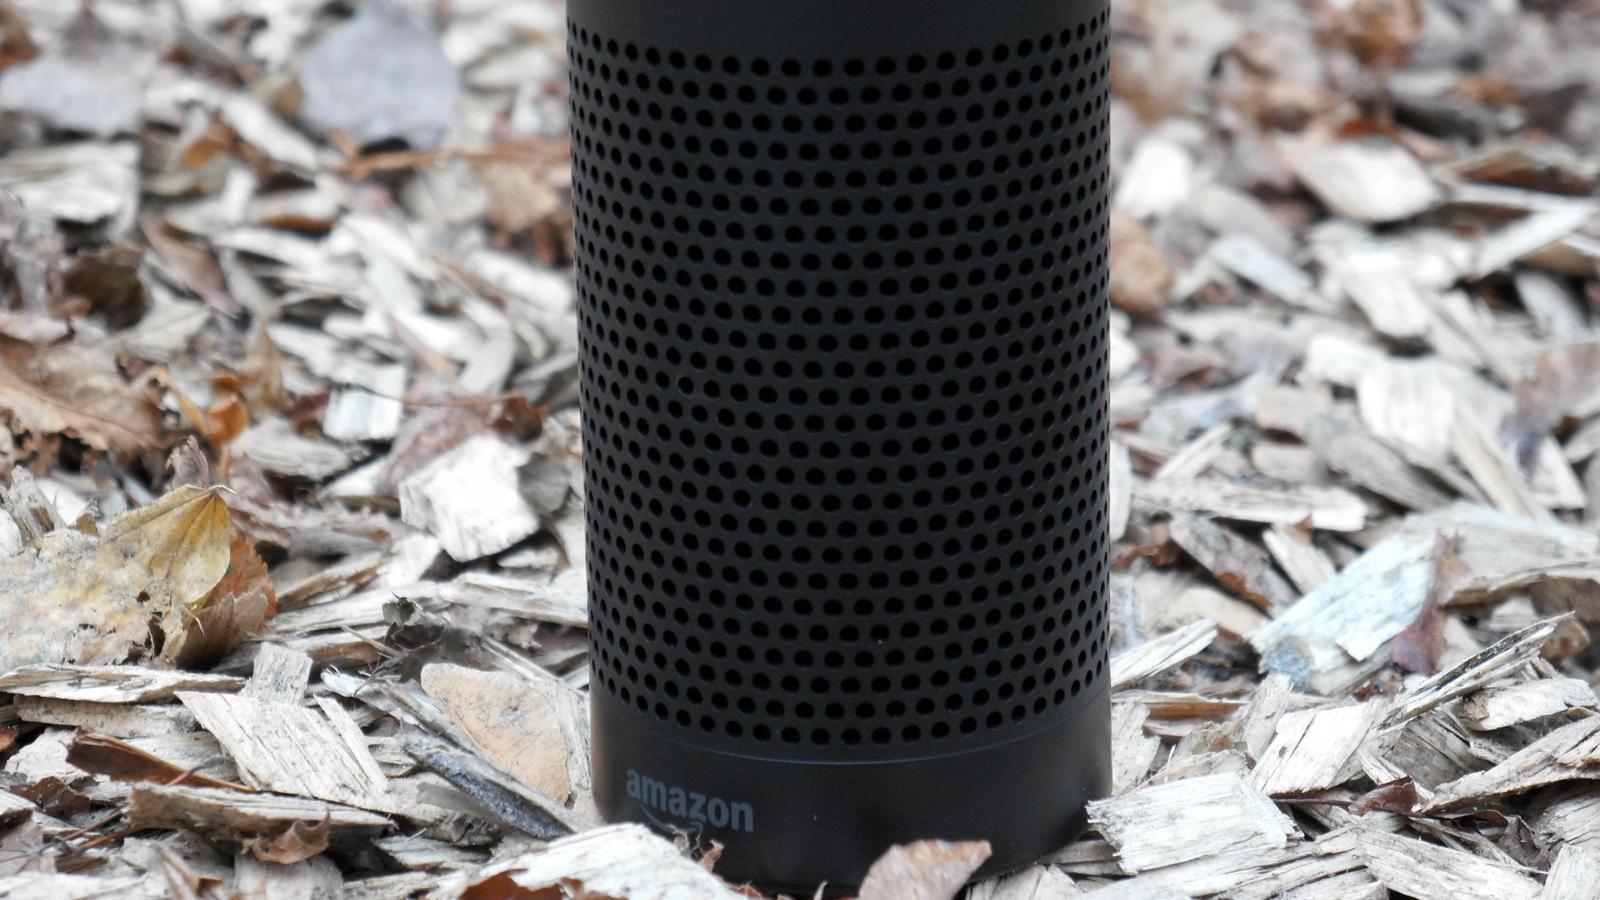 Amazon Echo 02